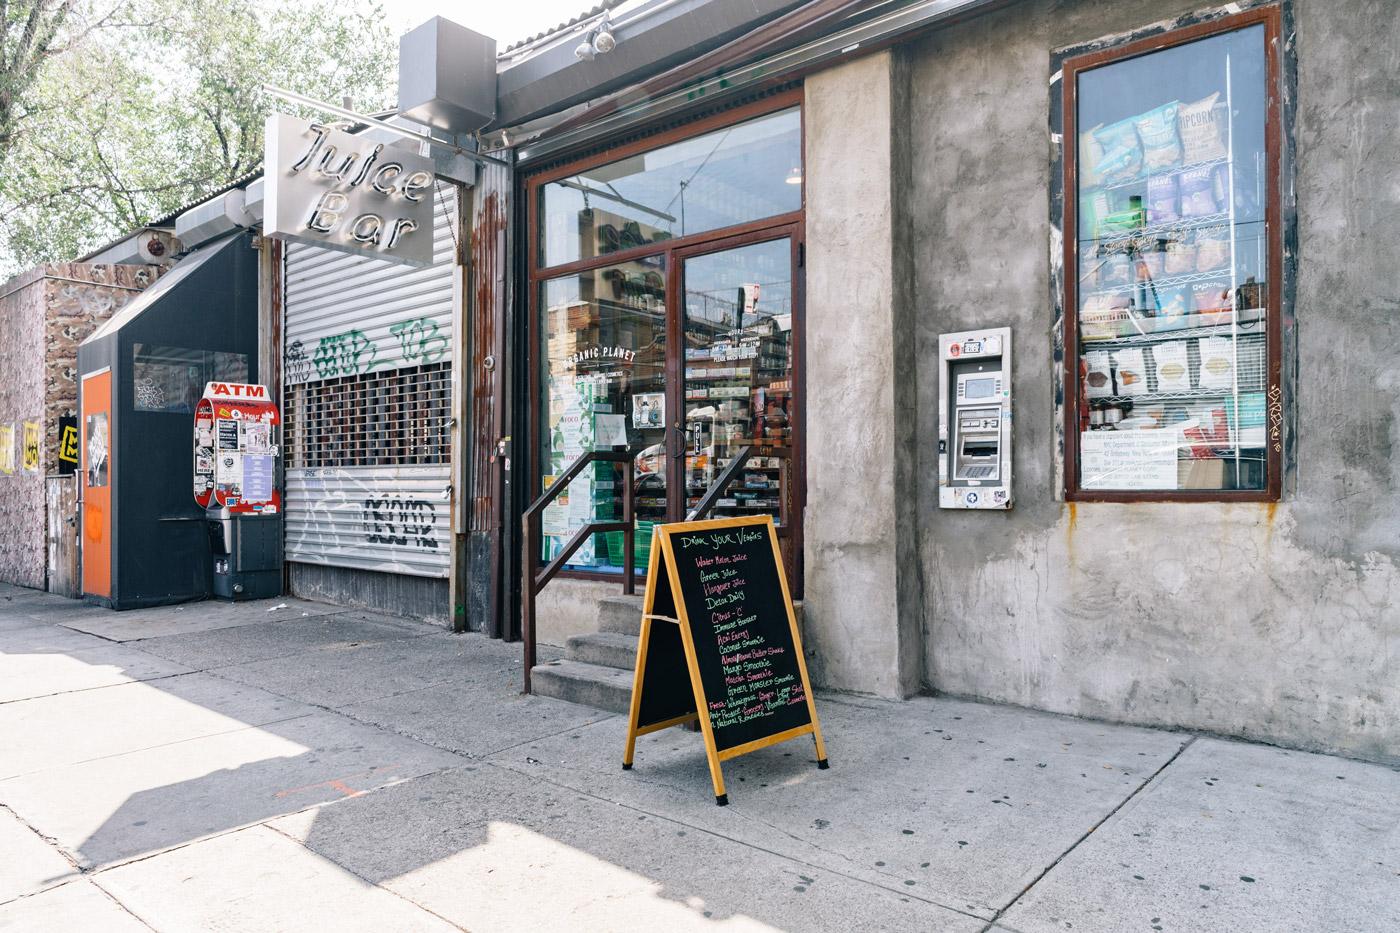 Juice Bar in Bushwick, Brooklyn